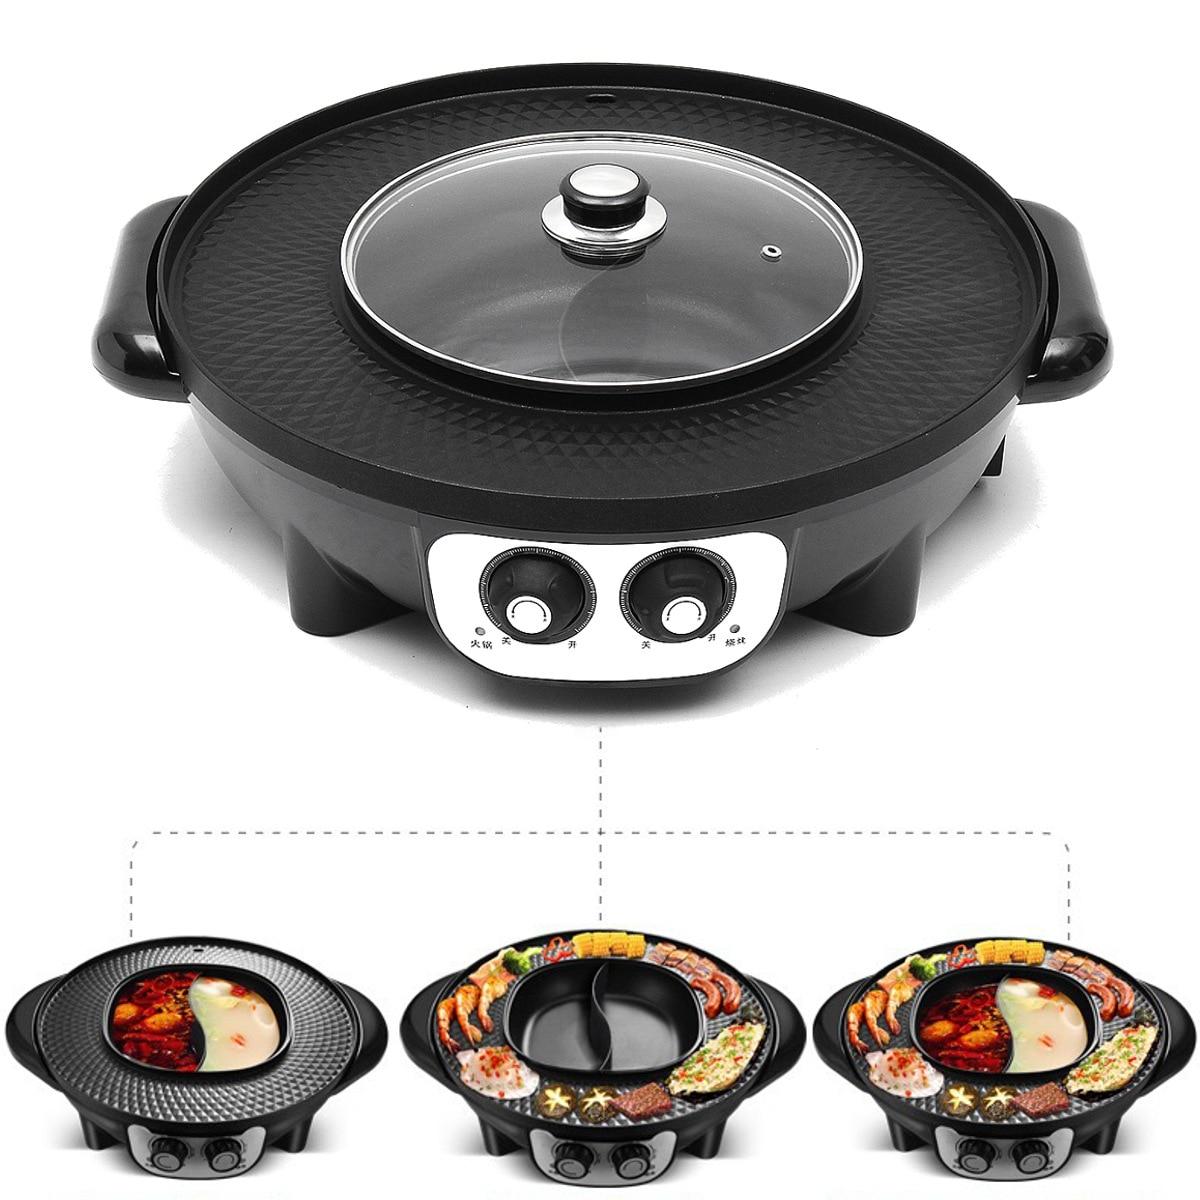 220 В 2200 Вт 2 в 1 электрическая Мультиварка сковорода для барбекю Горячая кастрюля Крытый открытый Электрический бездымный гриль для барбекю